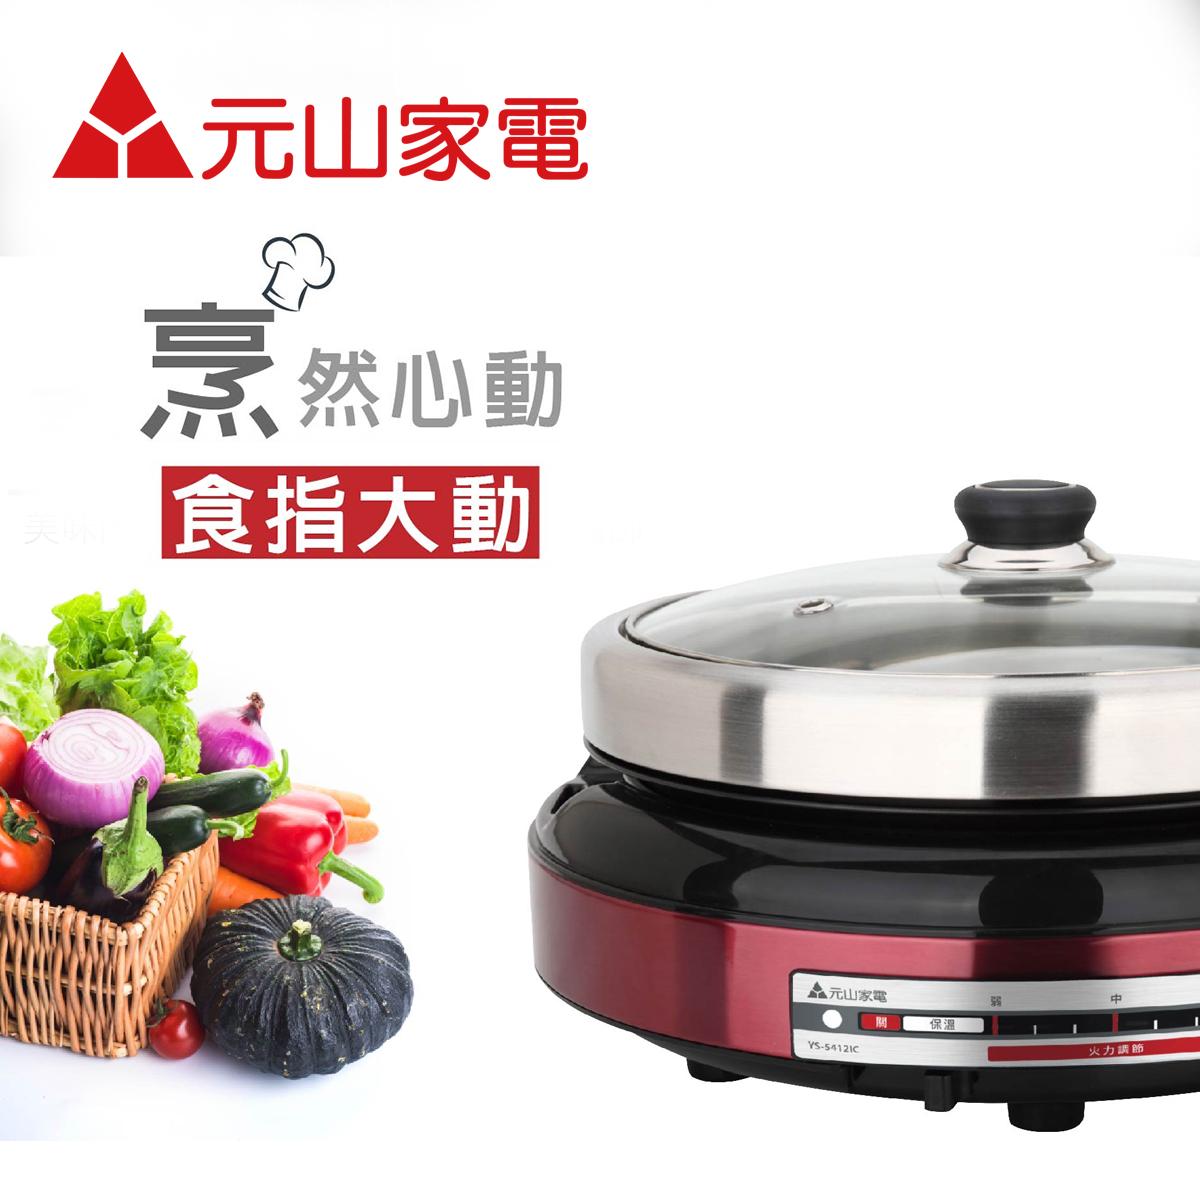 元山 4L 分離式不銹鋼電火鍋 YS-5412IC